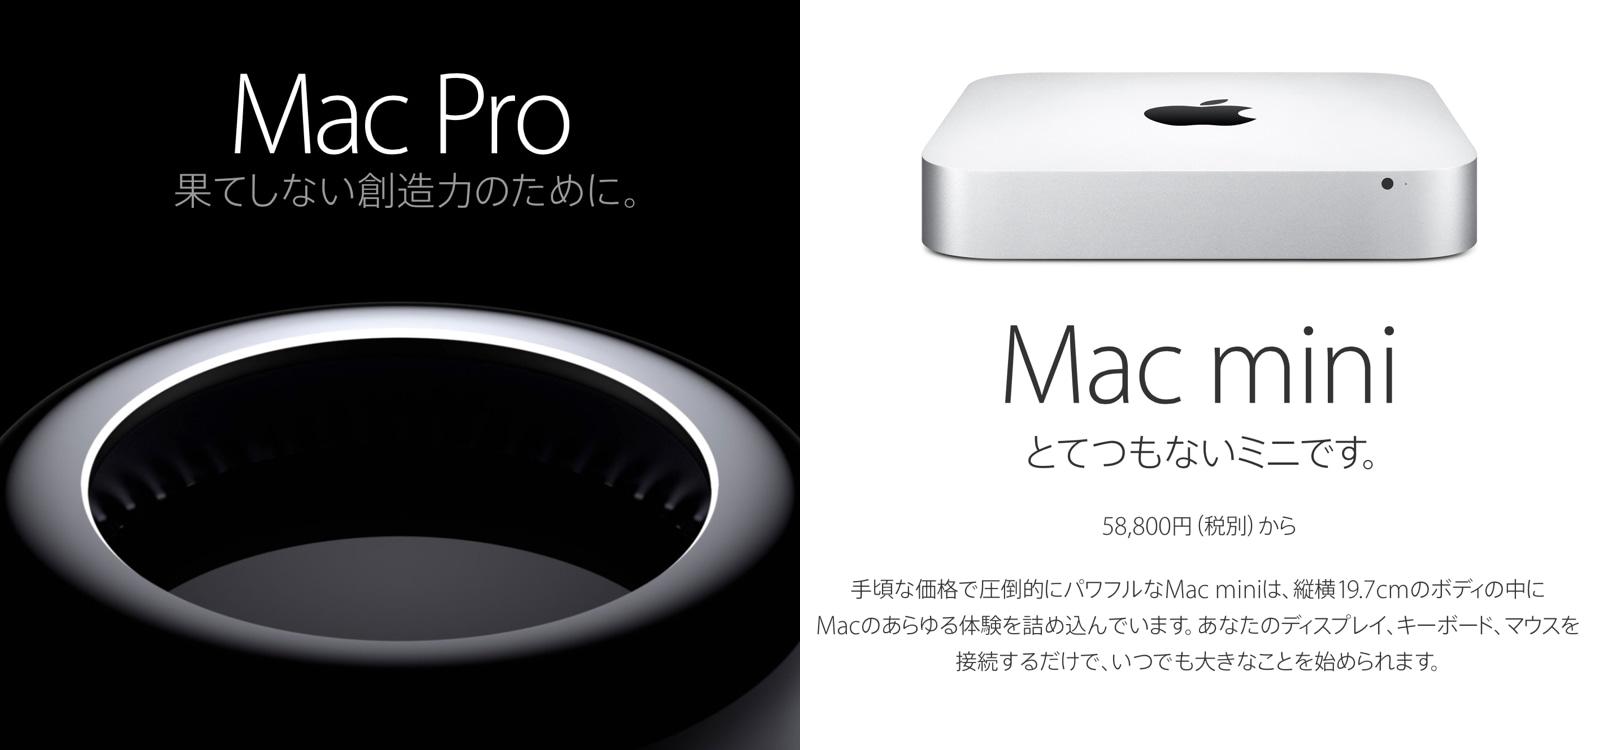 2016年 Mac Pro、Mac mini